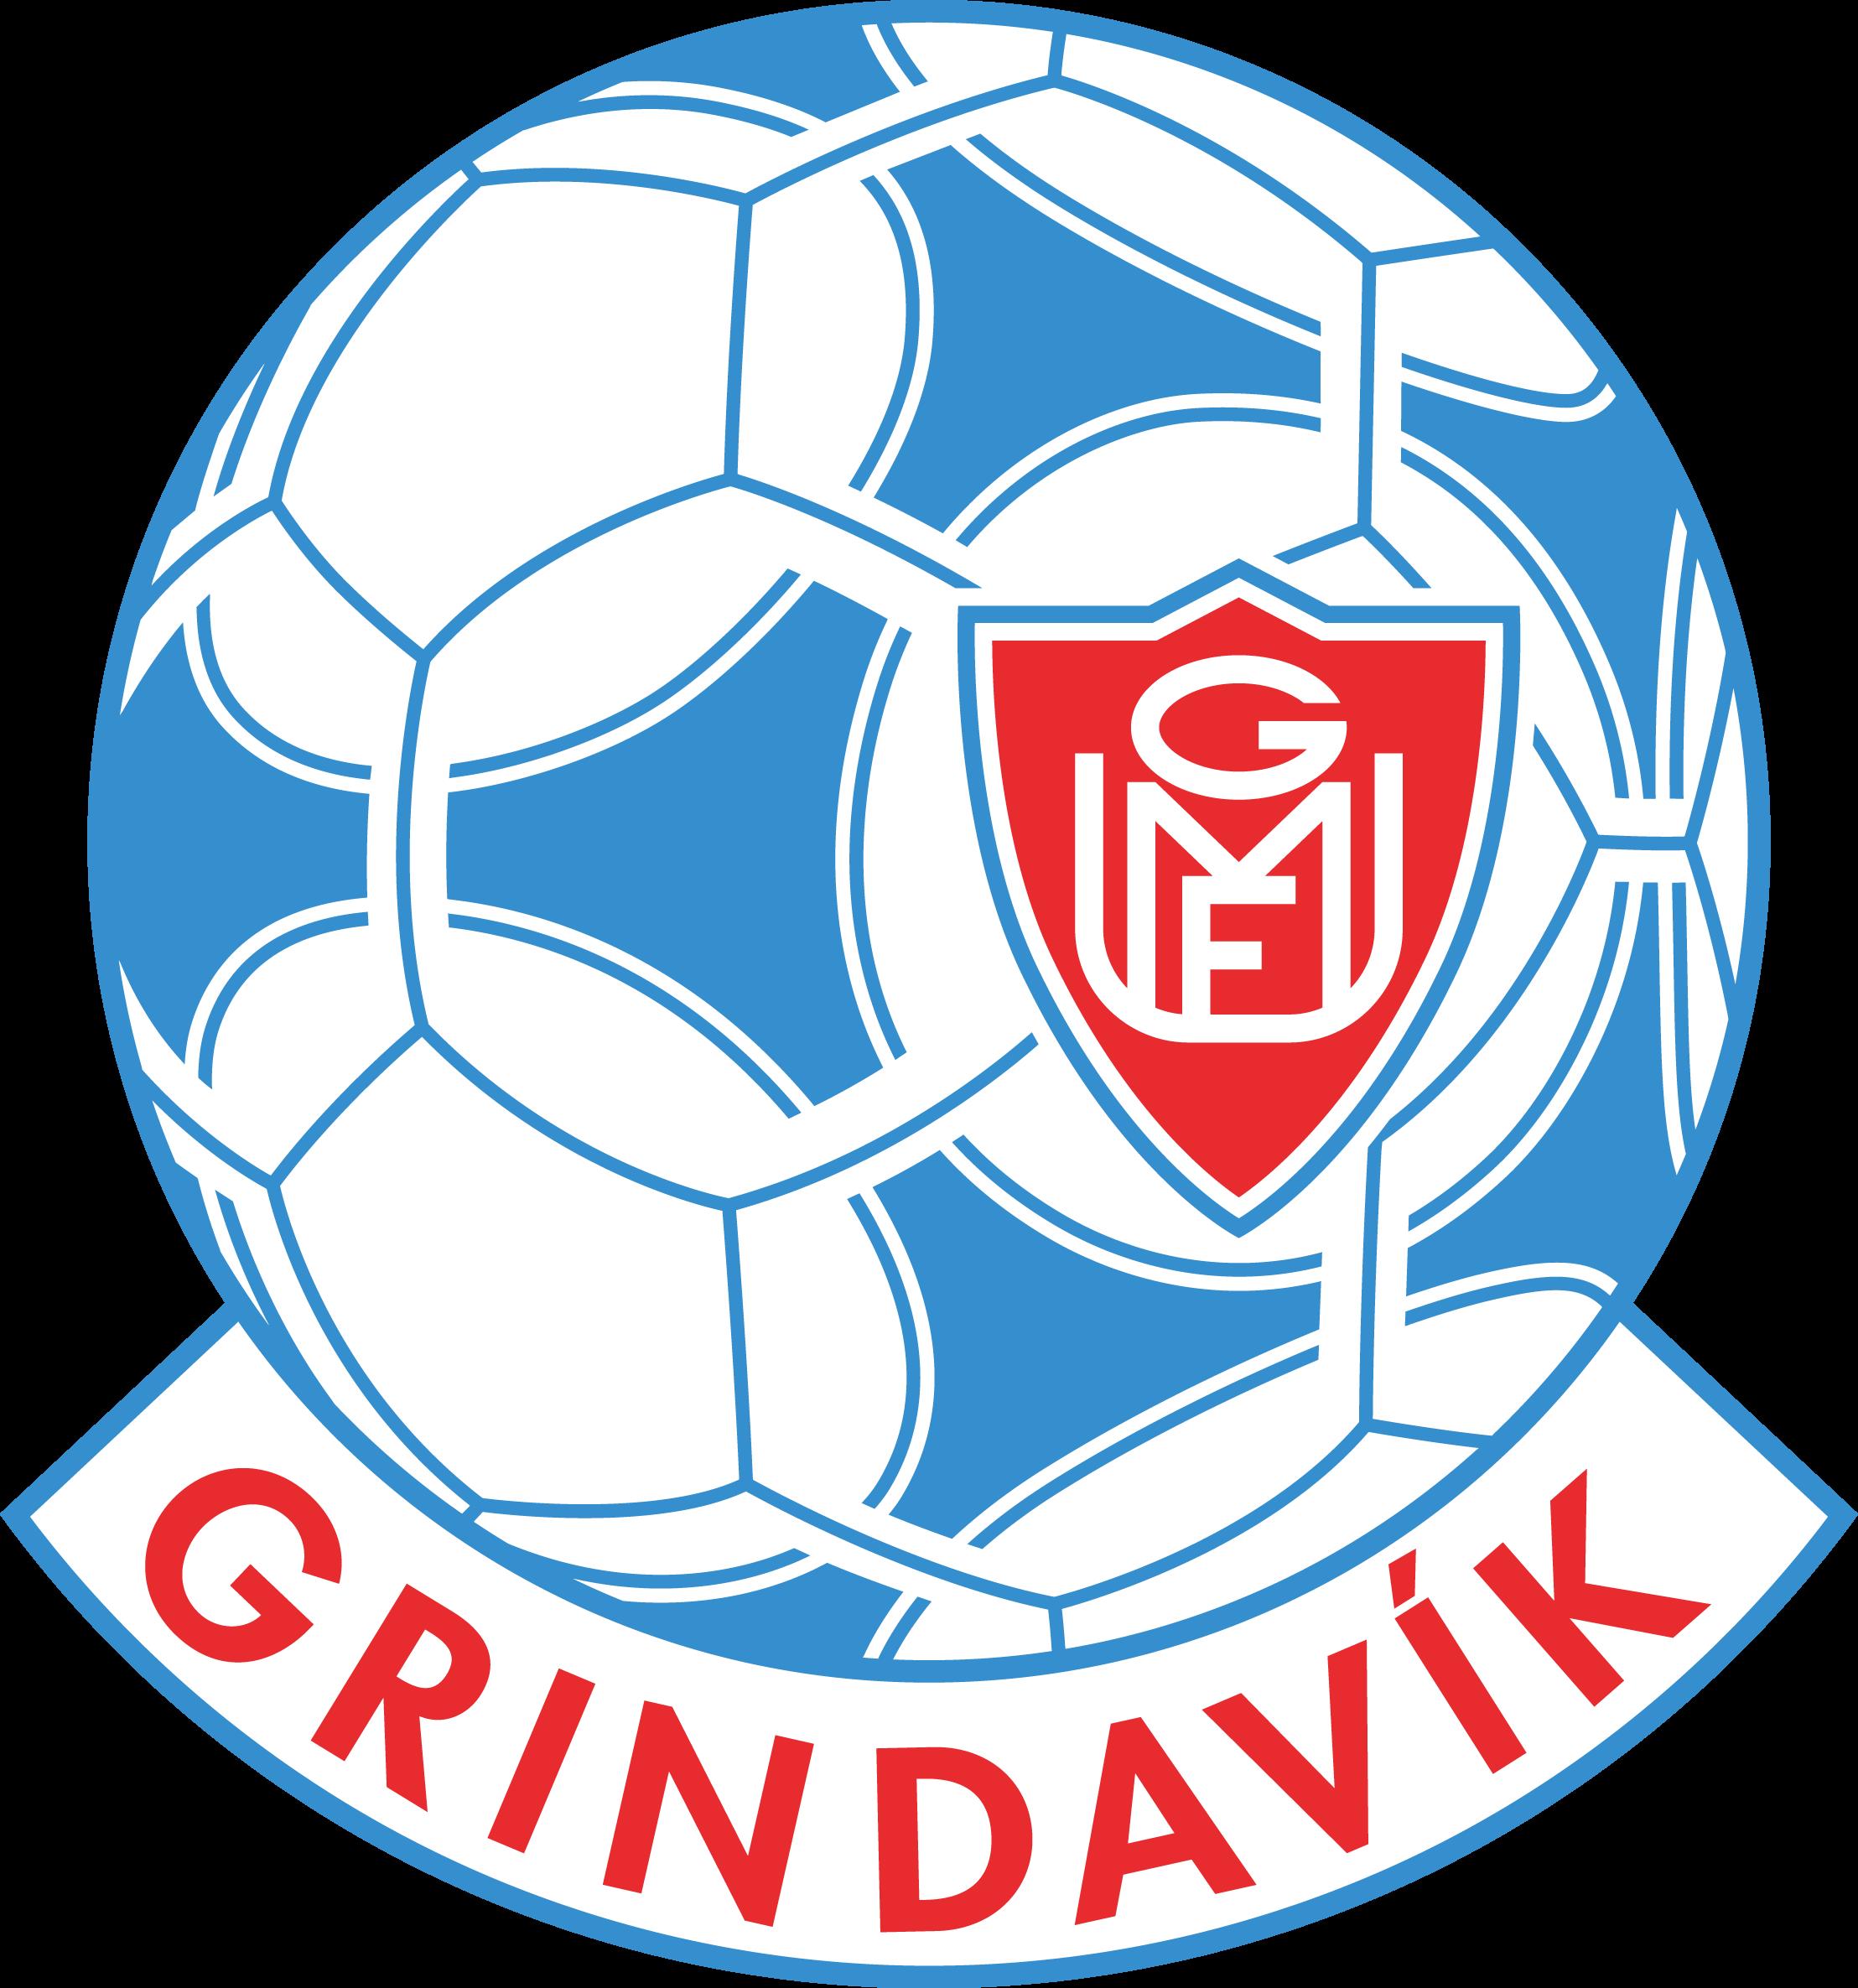 UMFG Grindavik